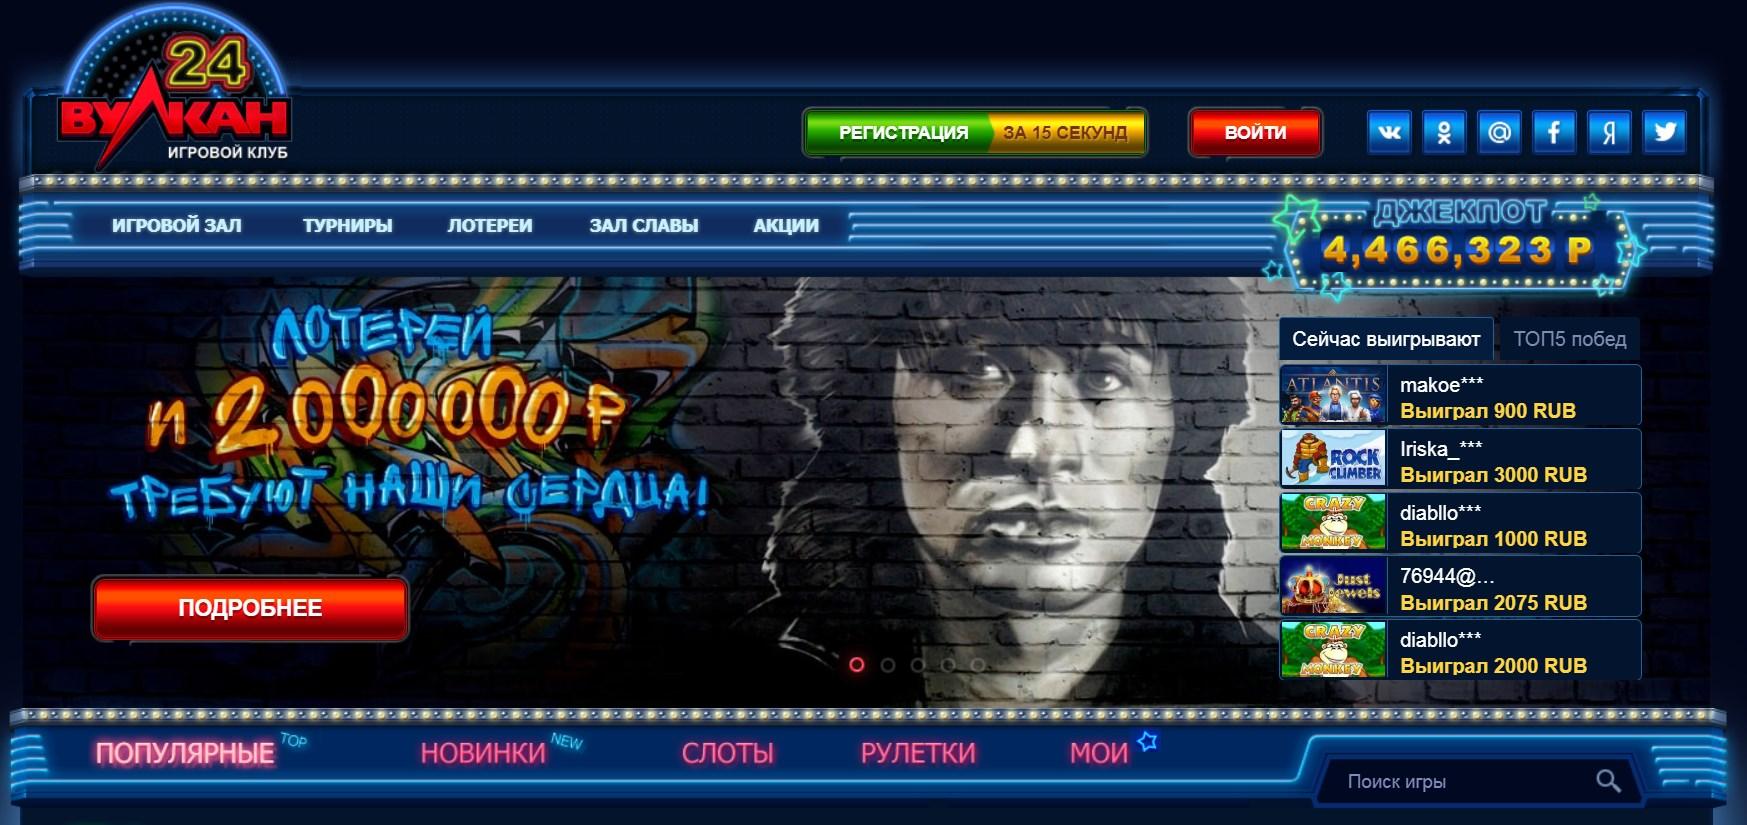 Вулкан 24 - Официальный сайт